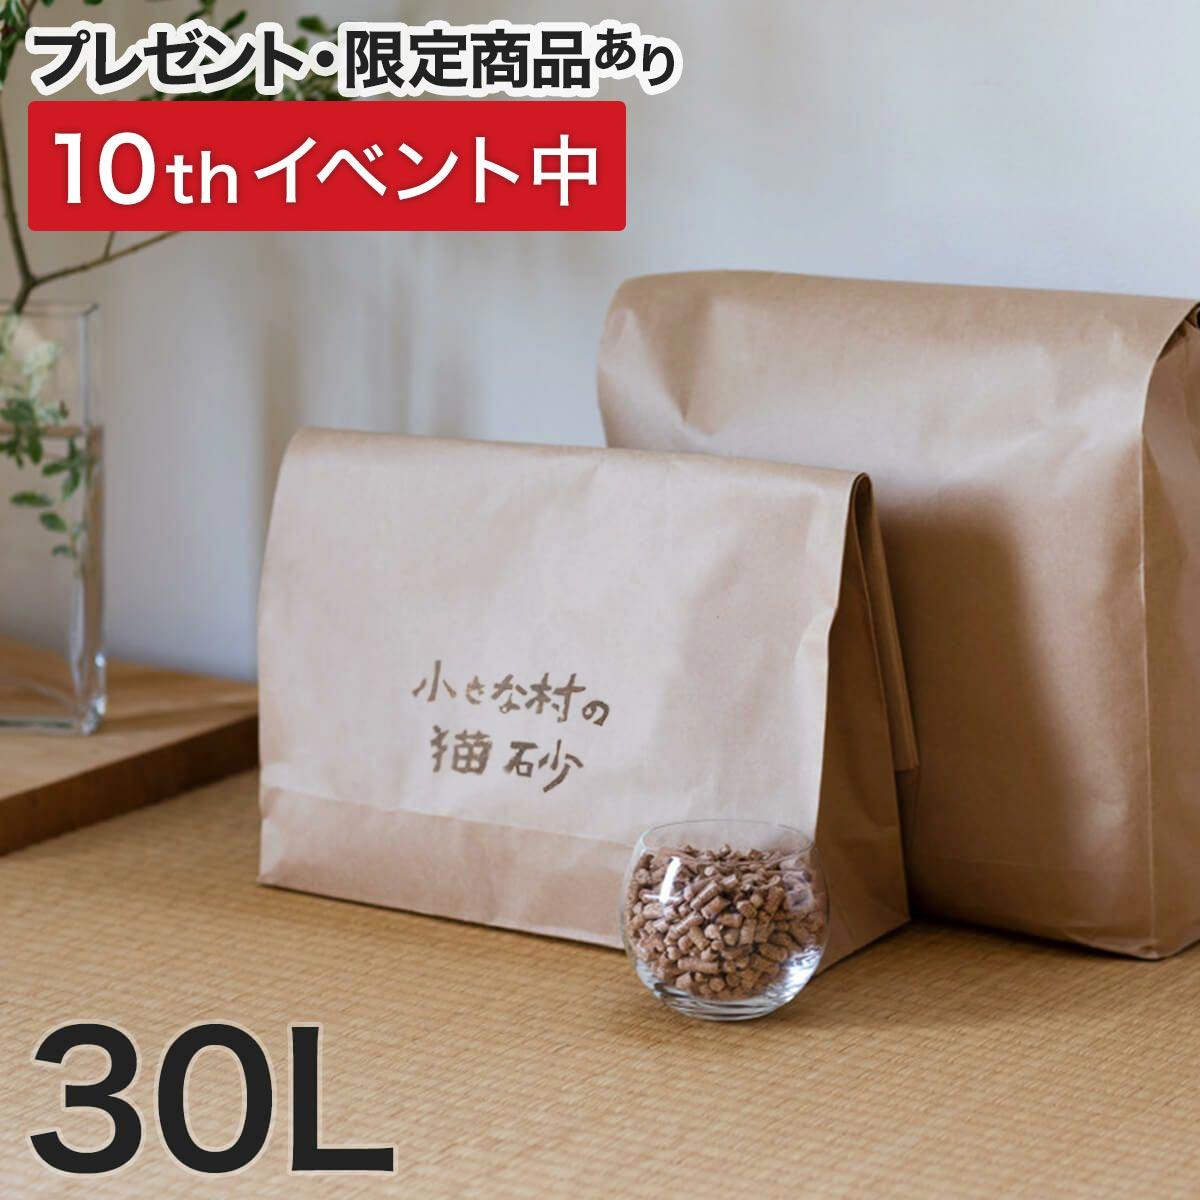 トイレ用品, 猫砂  30L